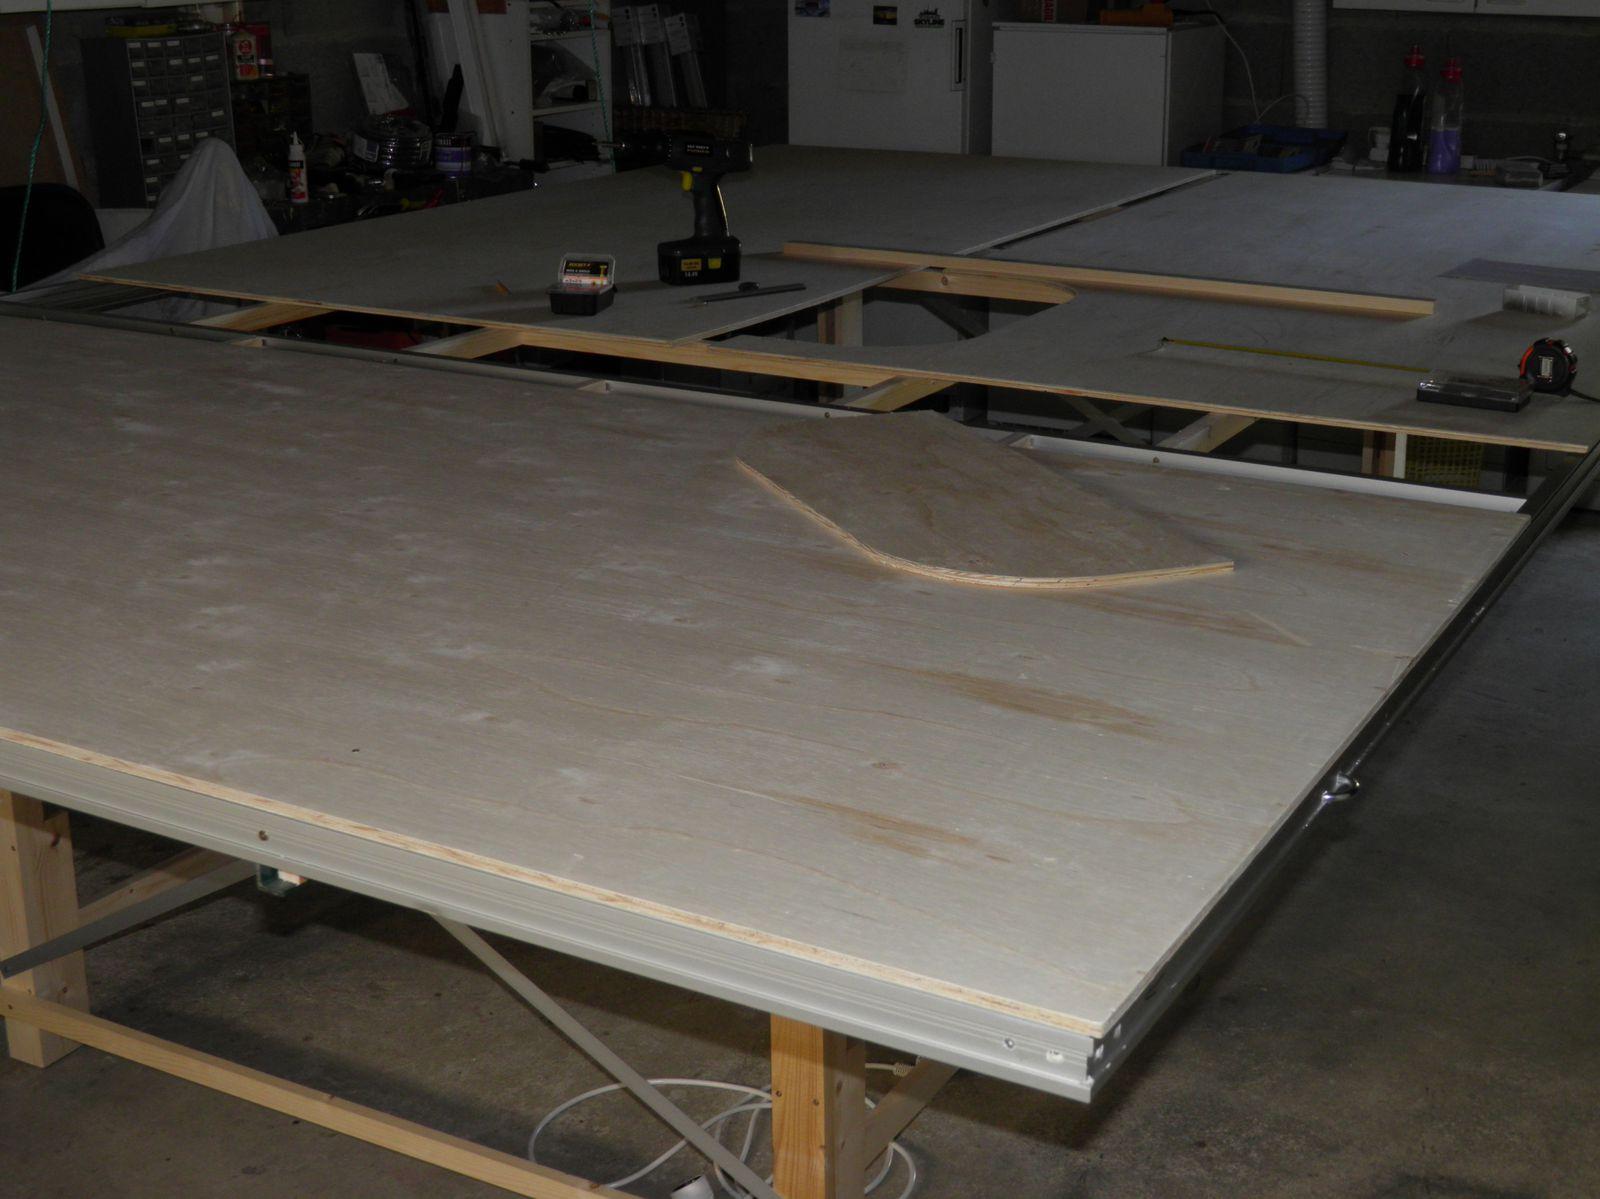 Comment Suspendre Un Plateau Au Plafond fabrication du plateau escamotable au plafond. (5) - mon